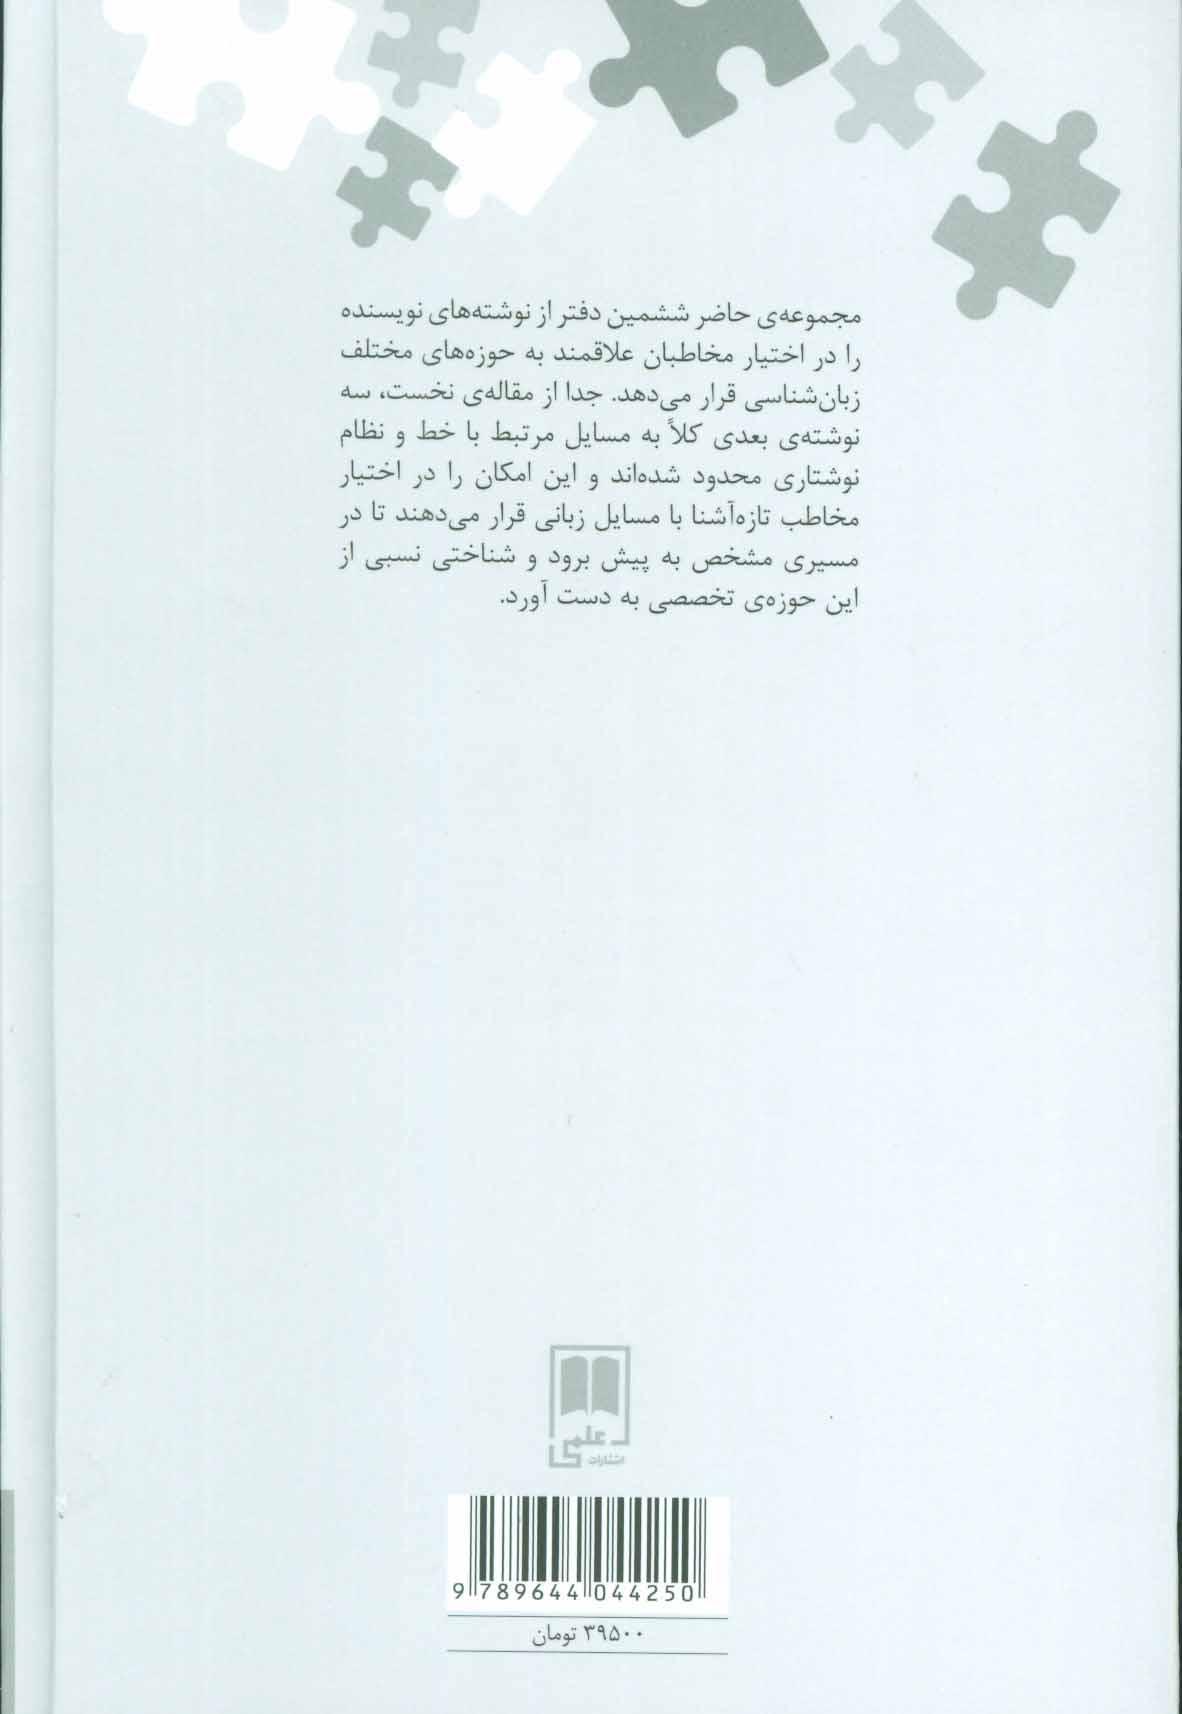 نوشته های پراکنده (دفتر ششم:نام آوا و خط)،(نگین های زبان شناسی33)